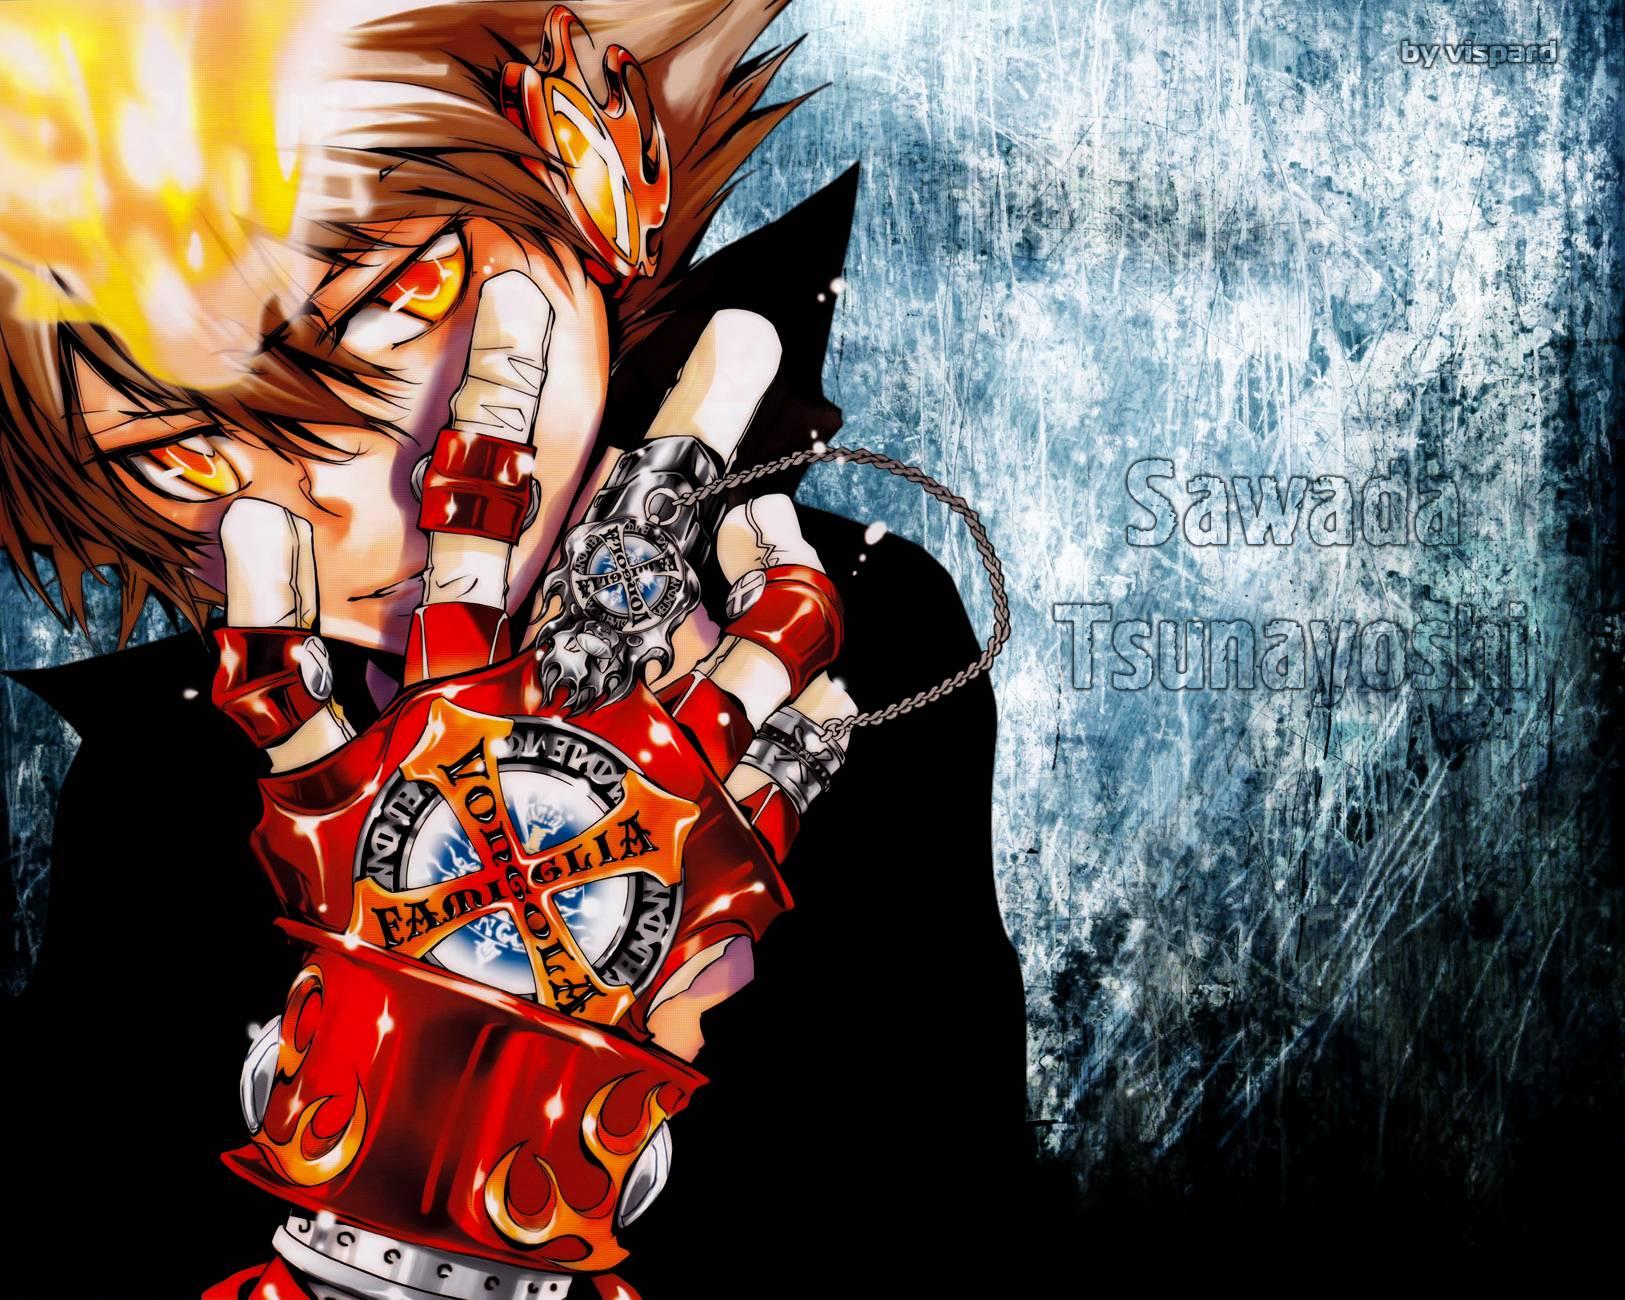 Free Download Hq Tsuna Wallpaper Katekyo Hitman Reborn Wallpaper